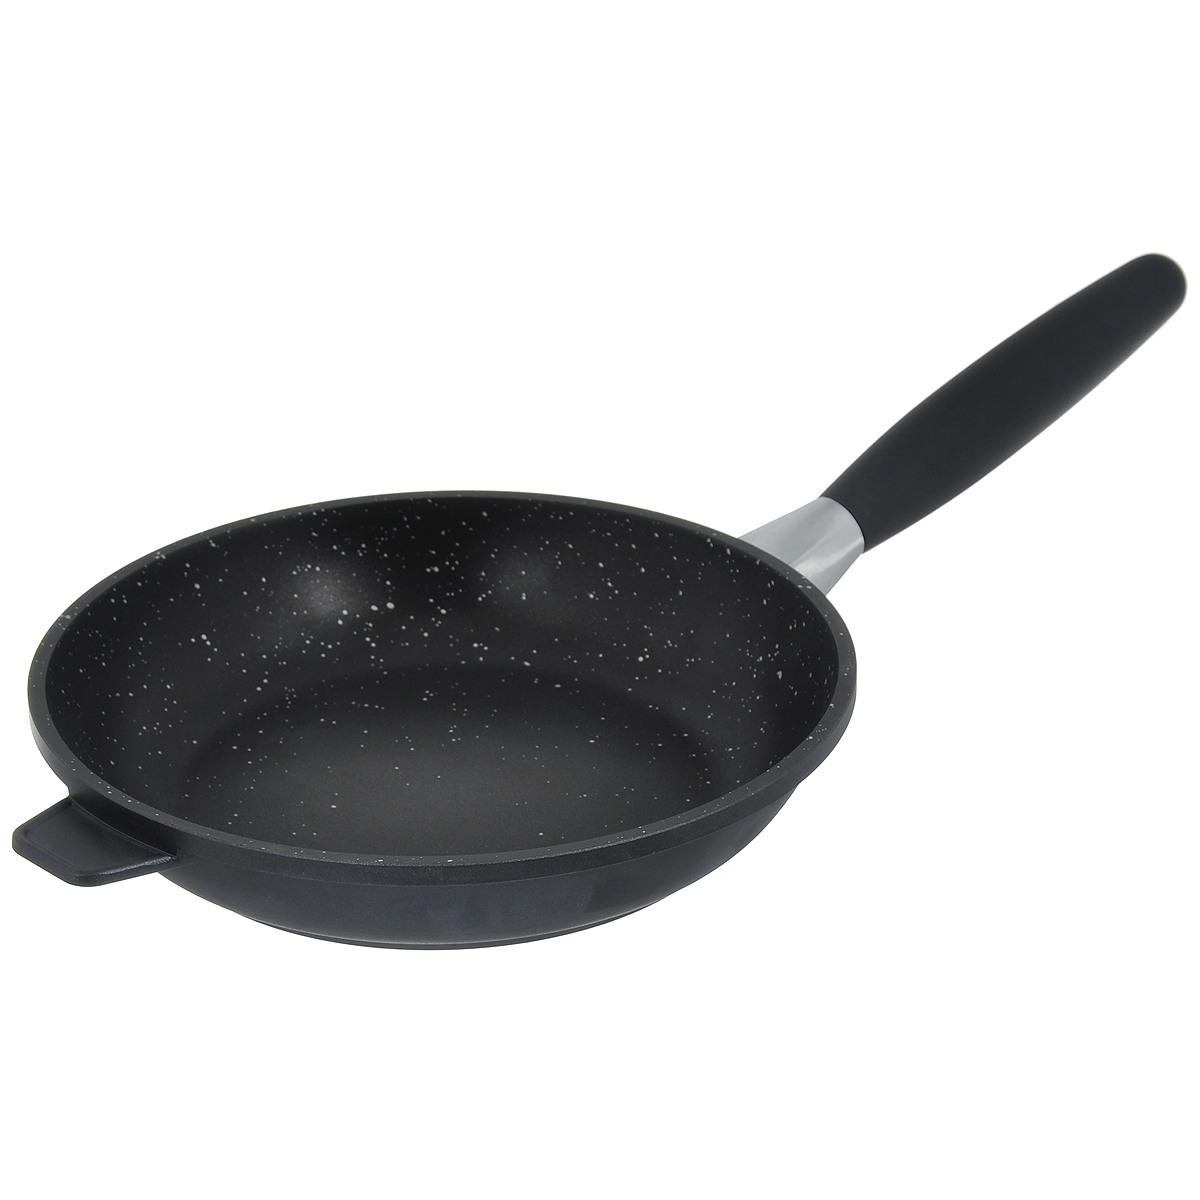 Сковорода BergHOFF Scala, с антипригарным покрытием. Диаметр 24 см54 009312Сковорода BergHOFF Scala выполнена из литого алюминия, который имеет эффект чугунной посуды. За счет особой технологии литья дно в 2 раза толще стенок. В отличие от чугуна посуда из алюминия легче по весу и быстро нагревается, что гарантирует сбережение энергии. Сковорода имеет антипригарное покрытие Ferno Green, которое в 4 раза прочнее традиционного. Это экологически чистое безопасное для здоровья покрытие. Подходит для приготовления полезных блюд, сохраняются витамины, минералы. Антипригарные свойства посуды позволяют готовить без жира и подсолнечного масла или с его малым количеством. Ручка выполнена из бакелита с покрытием Soft-touch, она имеет комфортную эргономичную форму и не нагревается в процессе эксплуатации. Ручка съемная, что позволяет использовать сковороду для приготовления пищи в духовке. Также это удобно для хранения. Подходит для всех типов плит, включая индукционные. Рекомендуется мыть вручную.Диаметр сковороды (по верхнему краю): 24 см. Длина ручки: 21 см.Высота стенки: 5 см. Толщина стенки: 3 мм. Толщина дна: 5 мм.